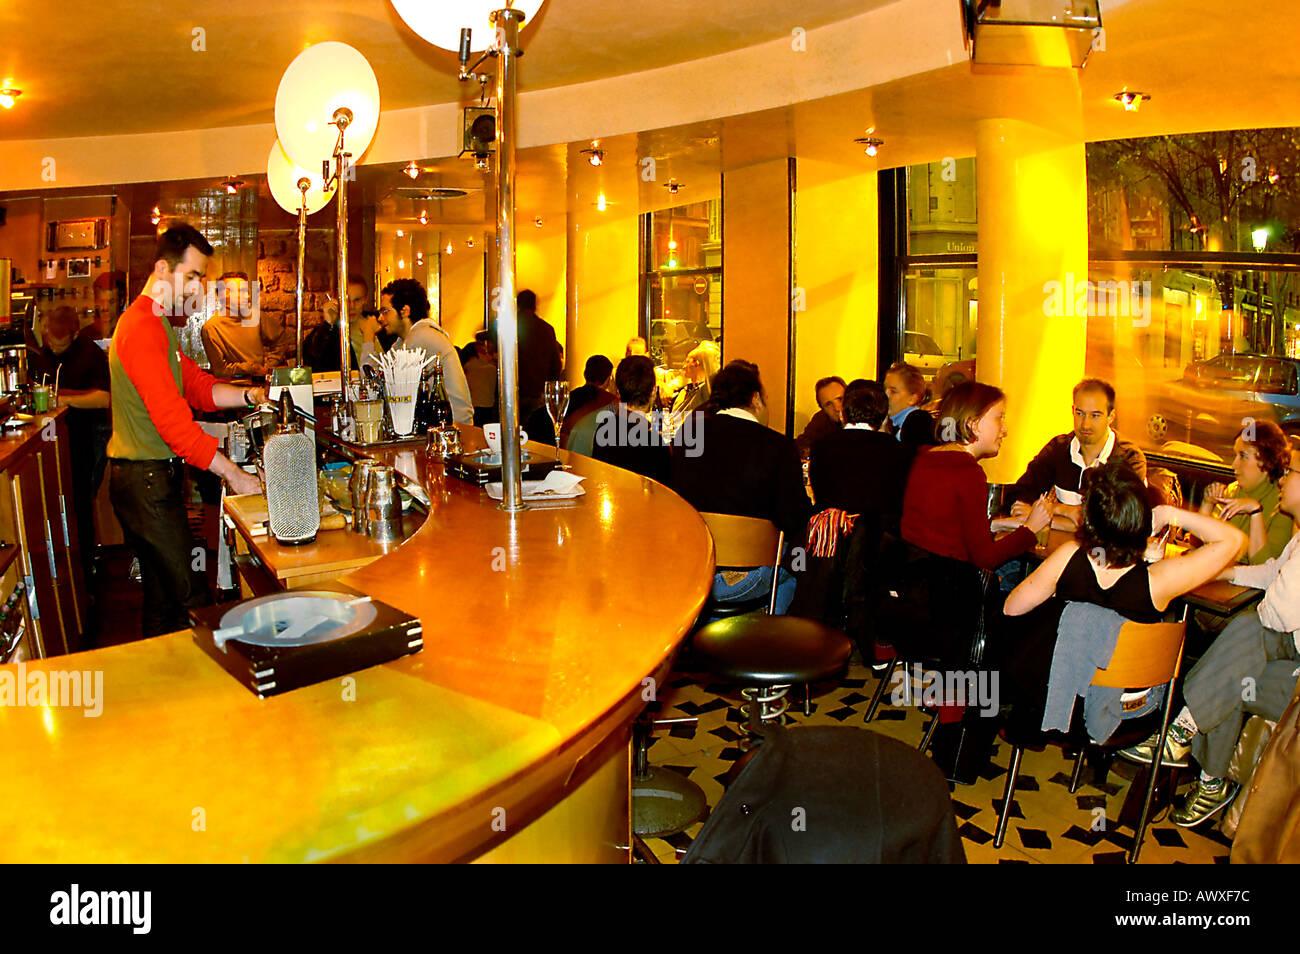 Caf Ef Bf Bd Bar Chic Paris